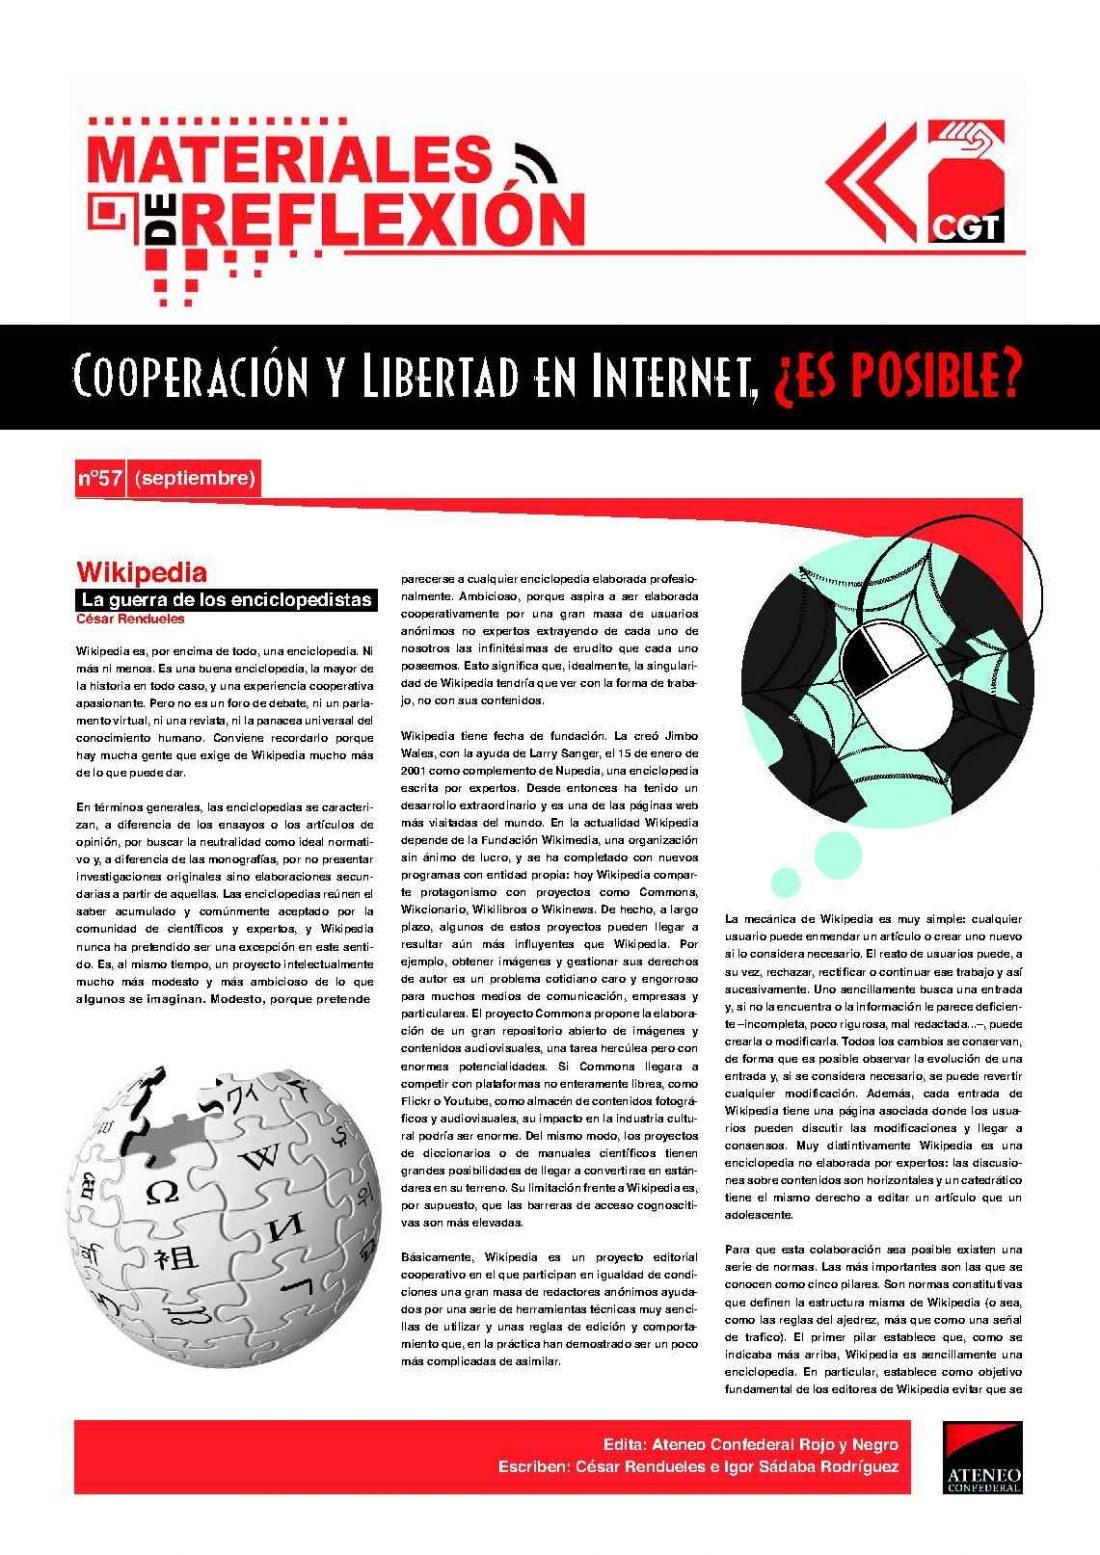 MR 57. Cooperación y Libertad en internet, ¿Es posible?